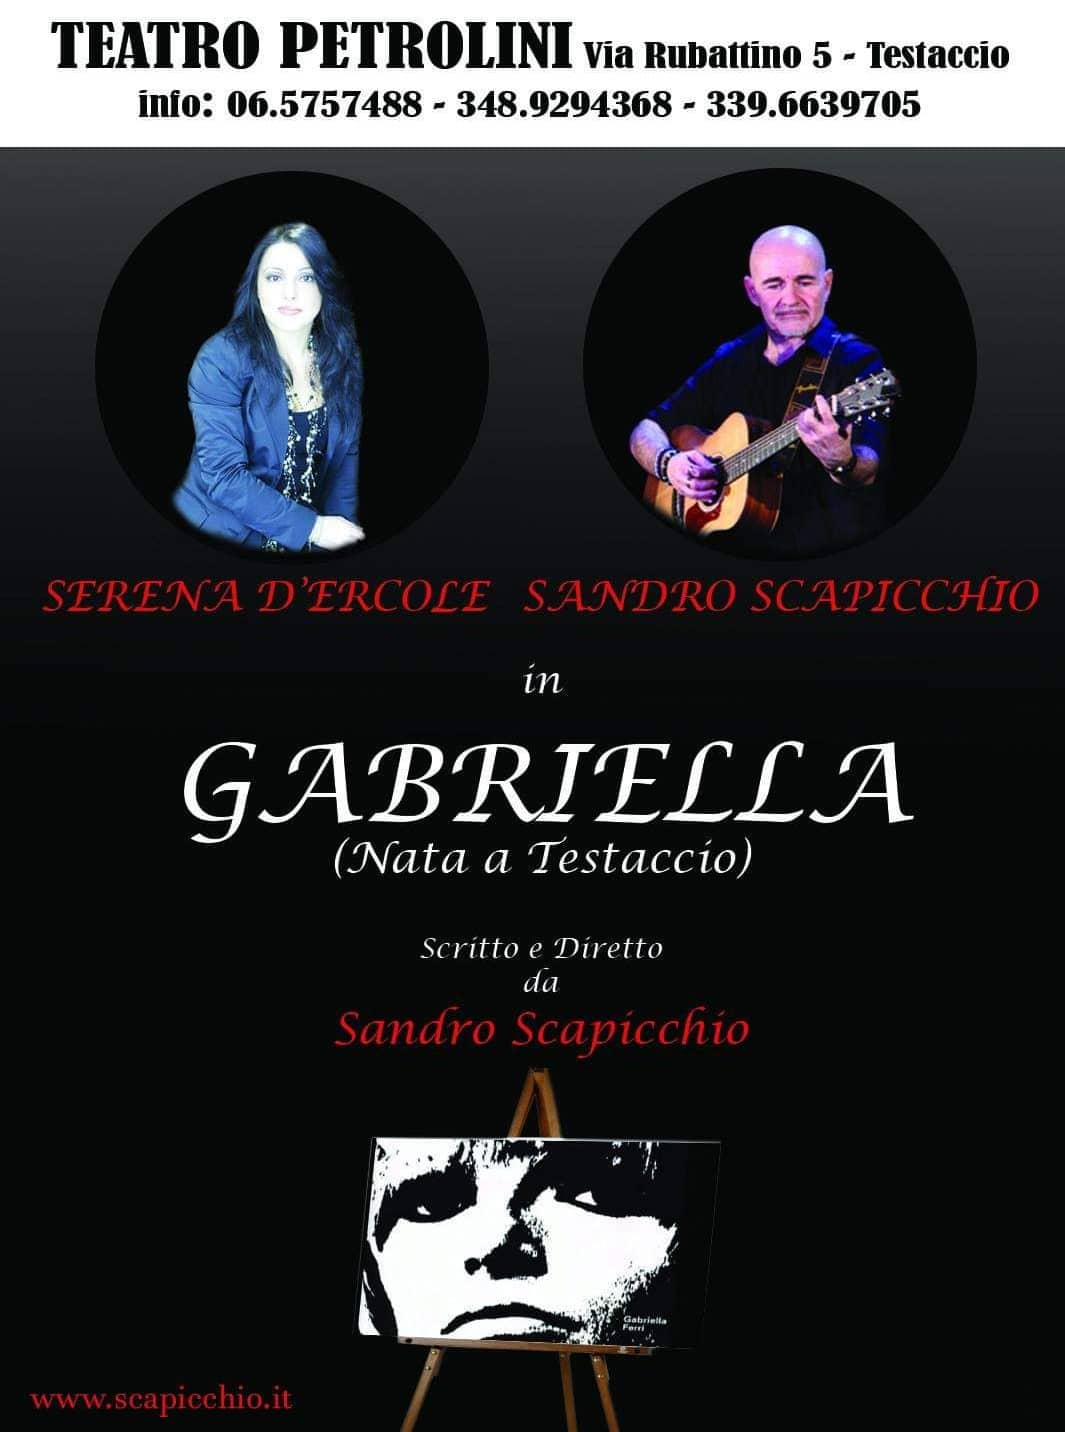 Gabriella - Nata a Testaccio